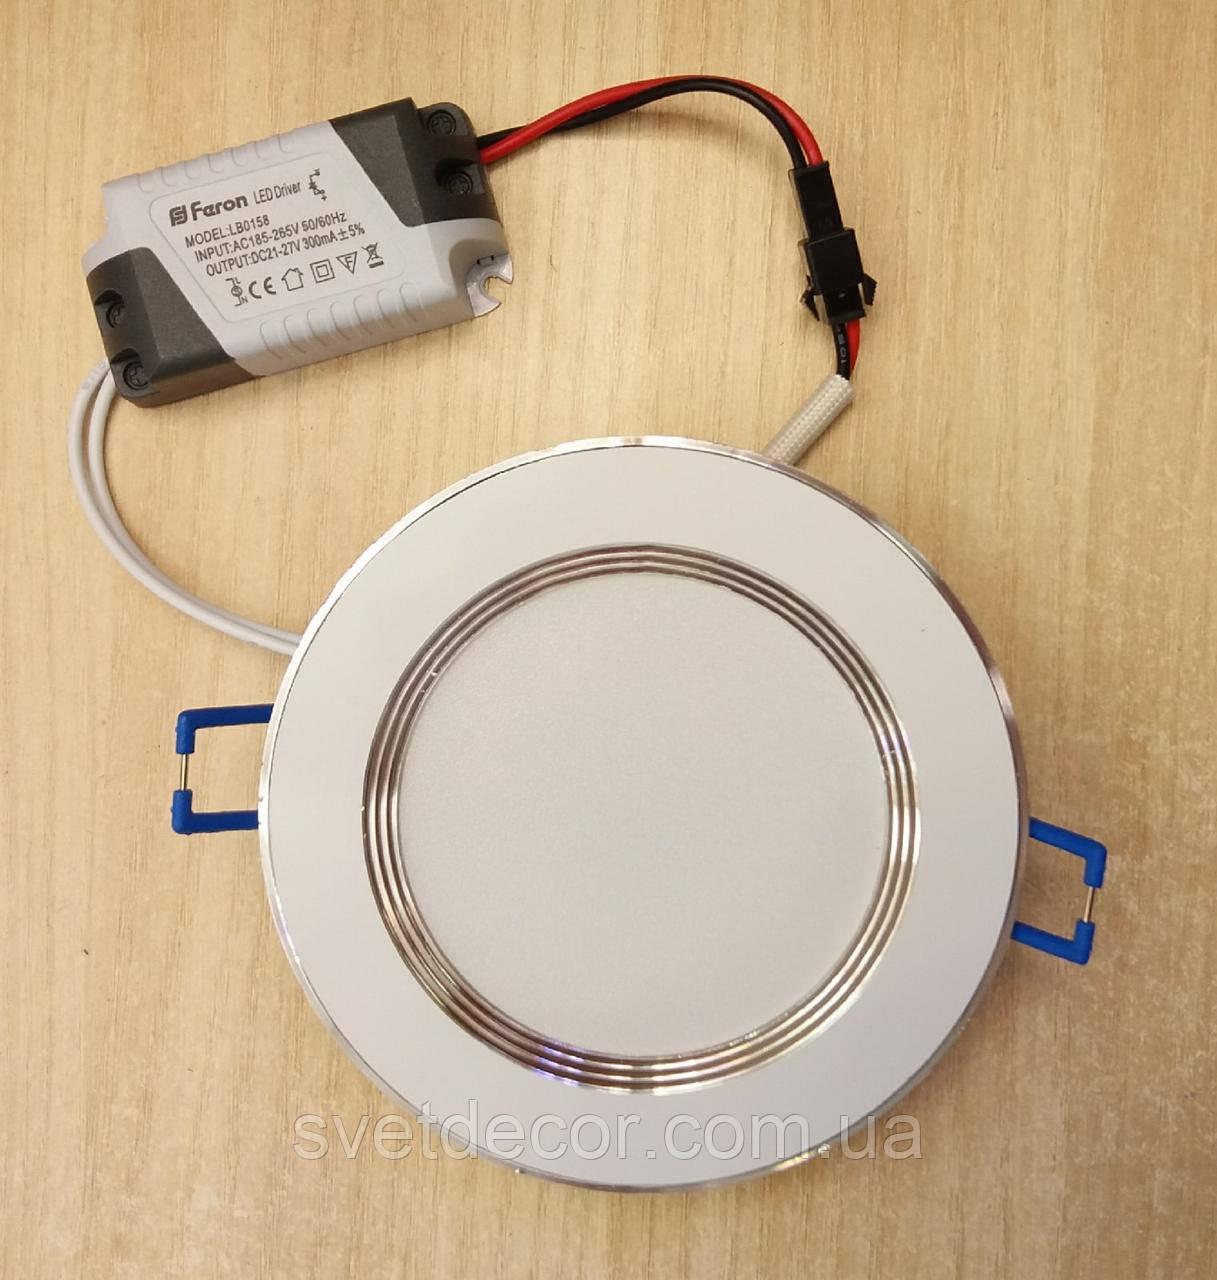 Светодиодный светильник Feron AL527 7w 2700К белый (LED панель)